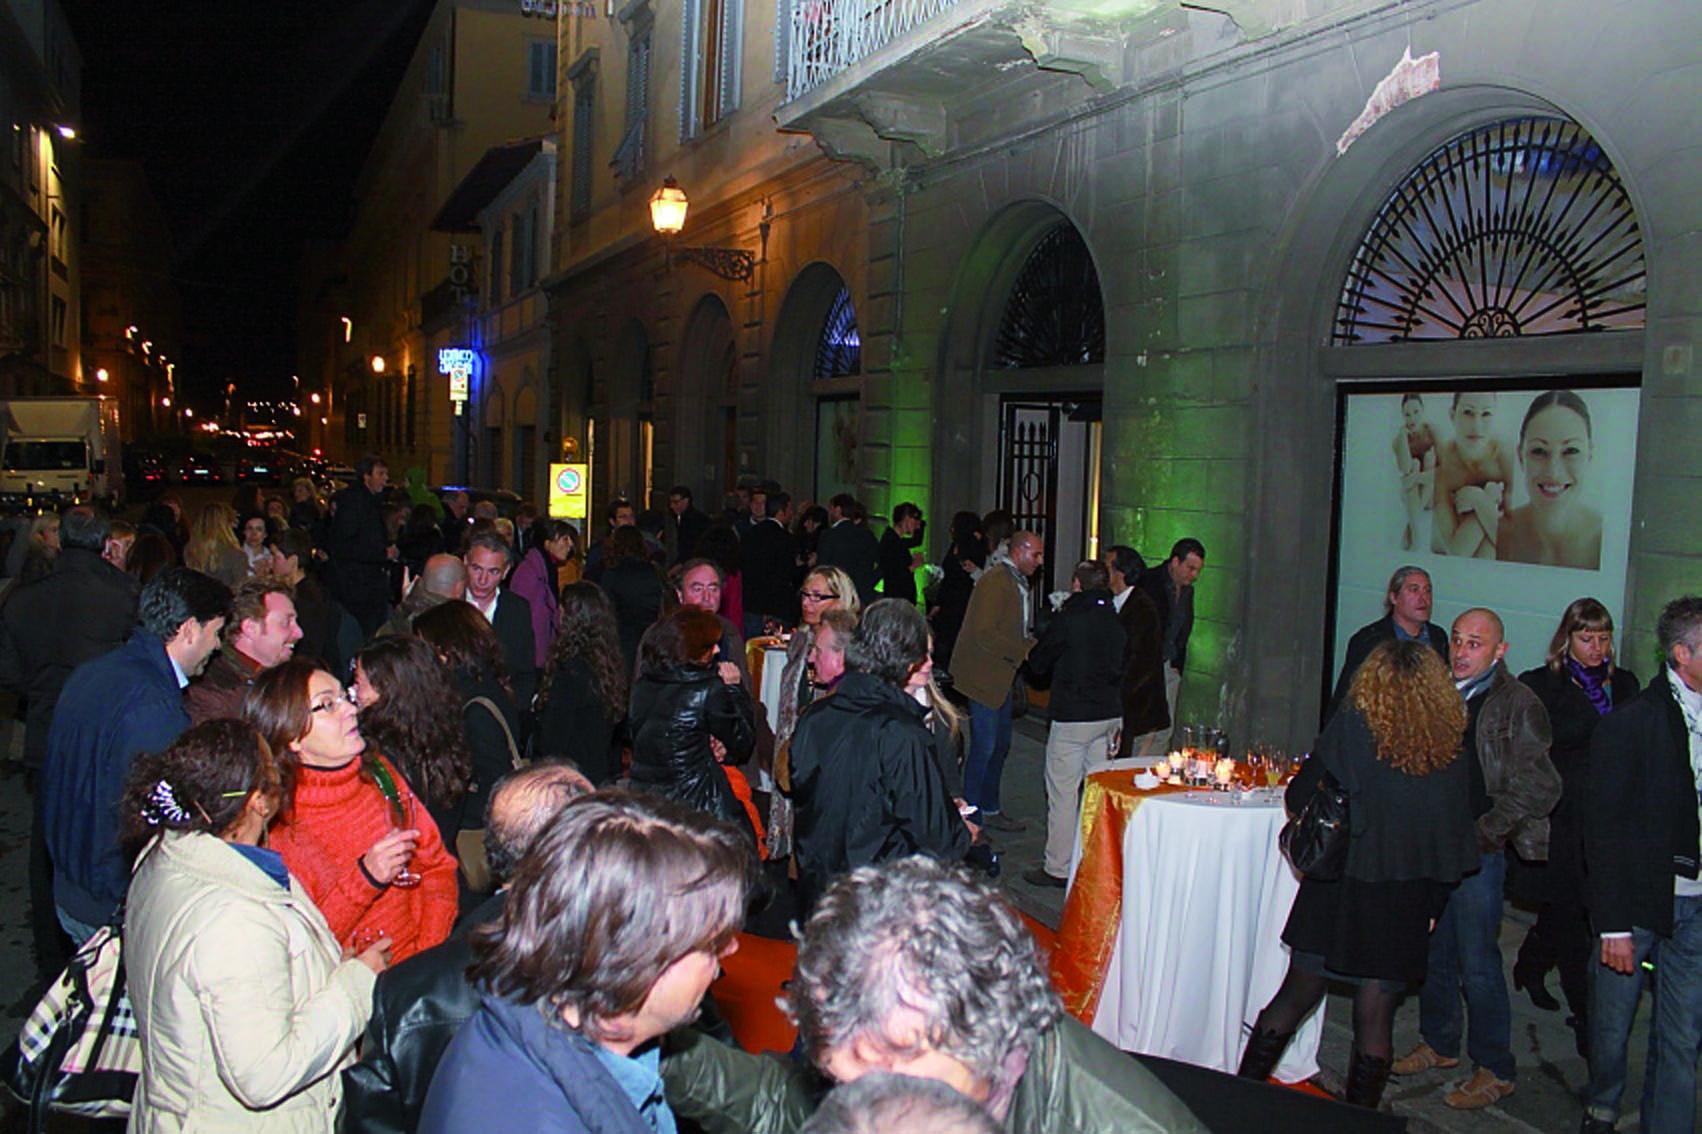 pressphoto, Firenze Inaugurazione centro benessere Bellessenza